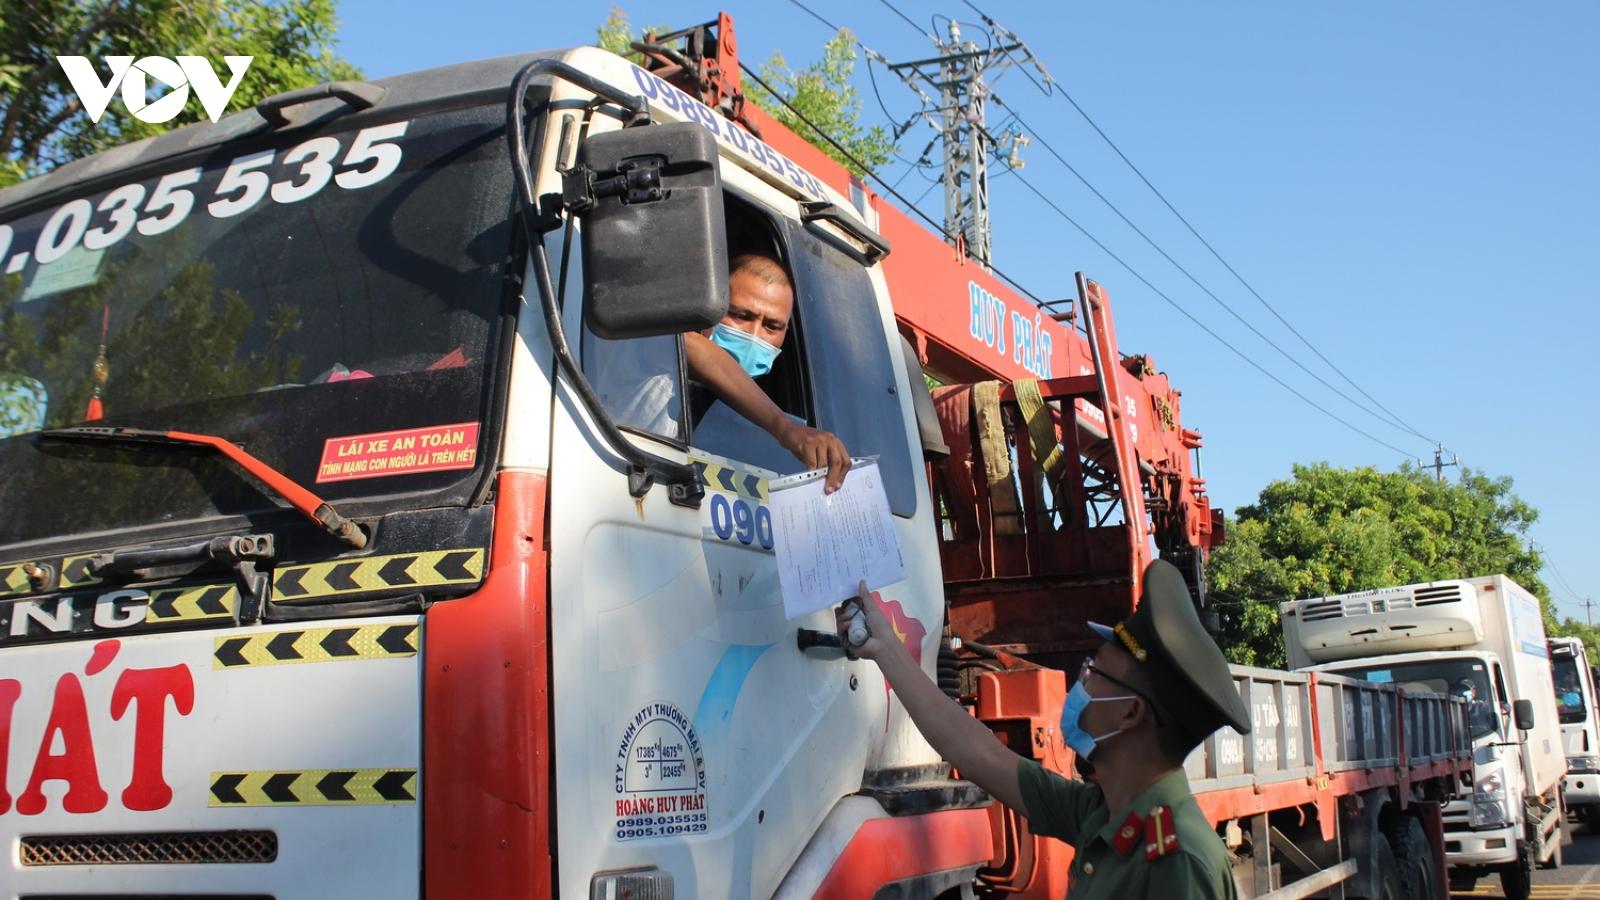 Quảng Nam hoán đổi lái xe chở hàng hóa ra vào tỉnh tại chốt kiểm soát